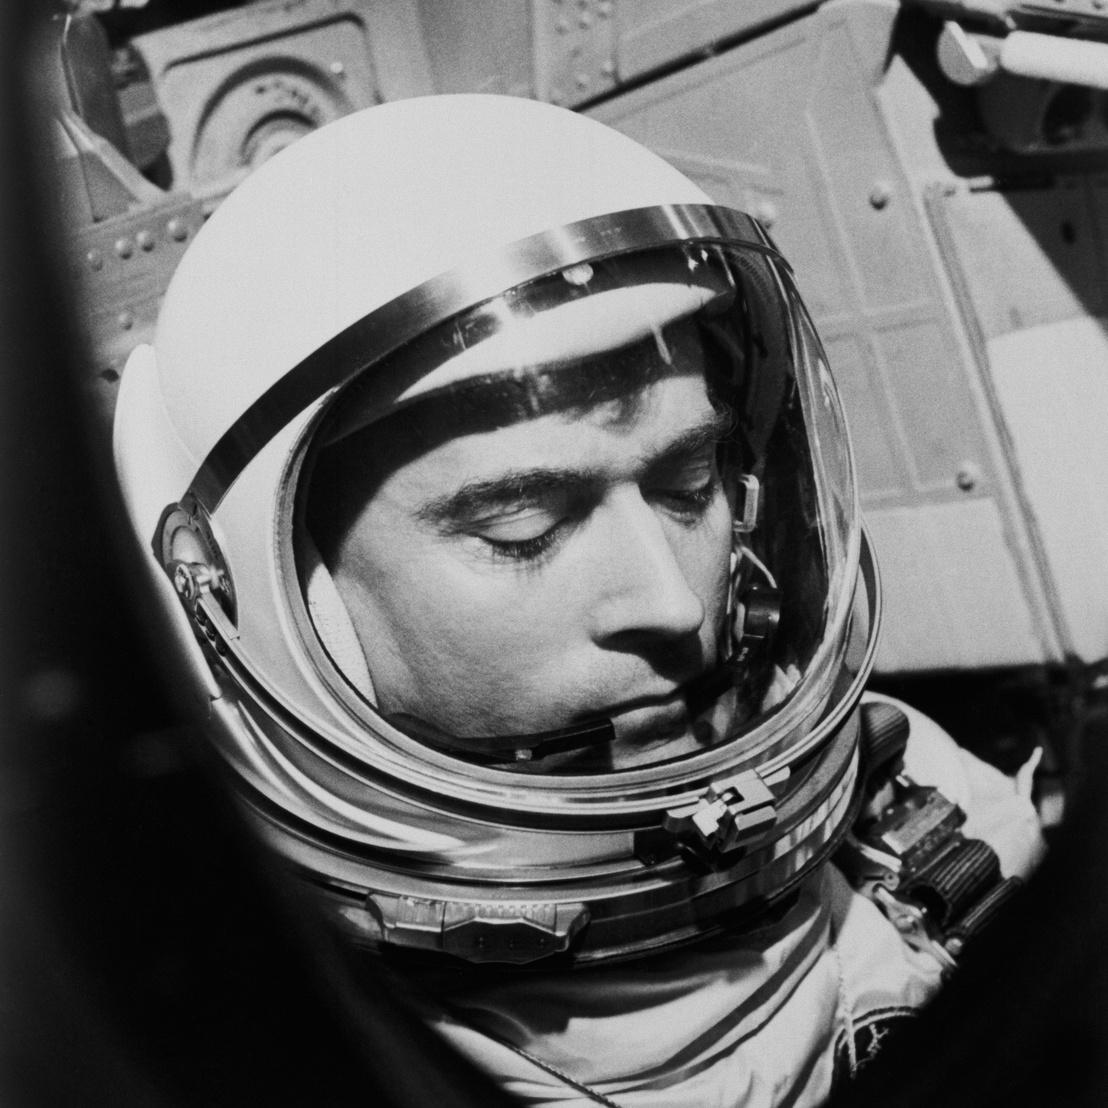 1965. március 23. John Young, a Gemini-Titan 3 küldetés pilótája start előtti utolsó pillanatokban